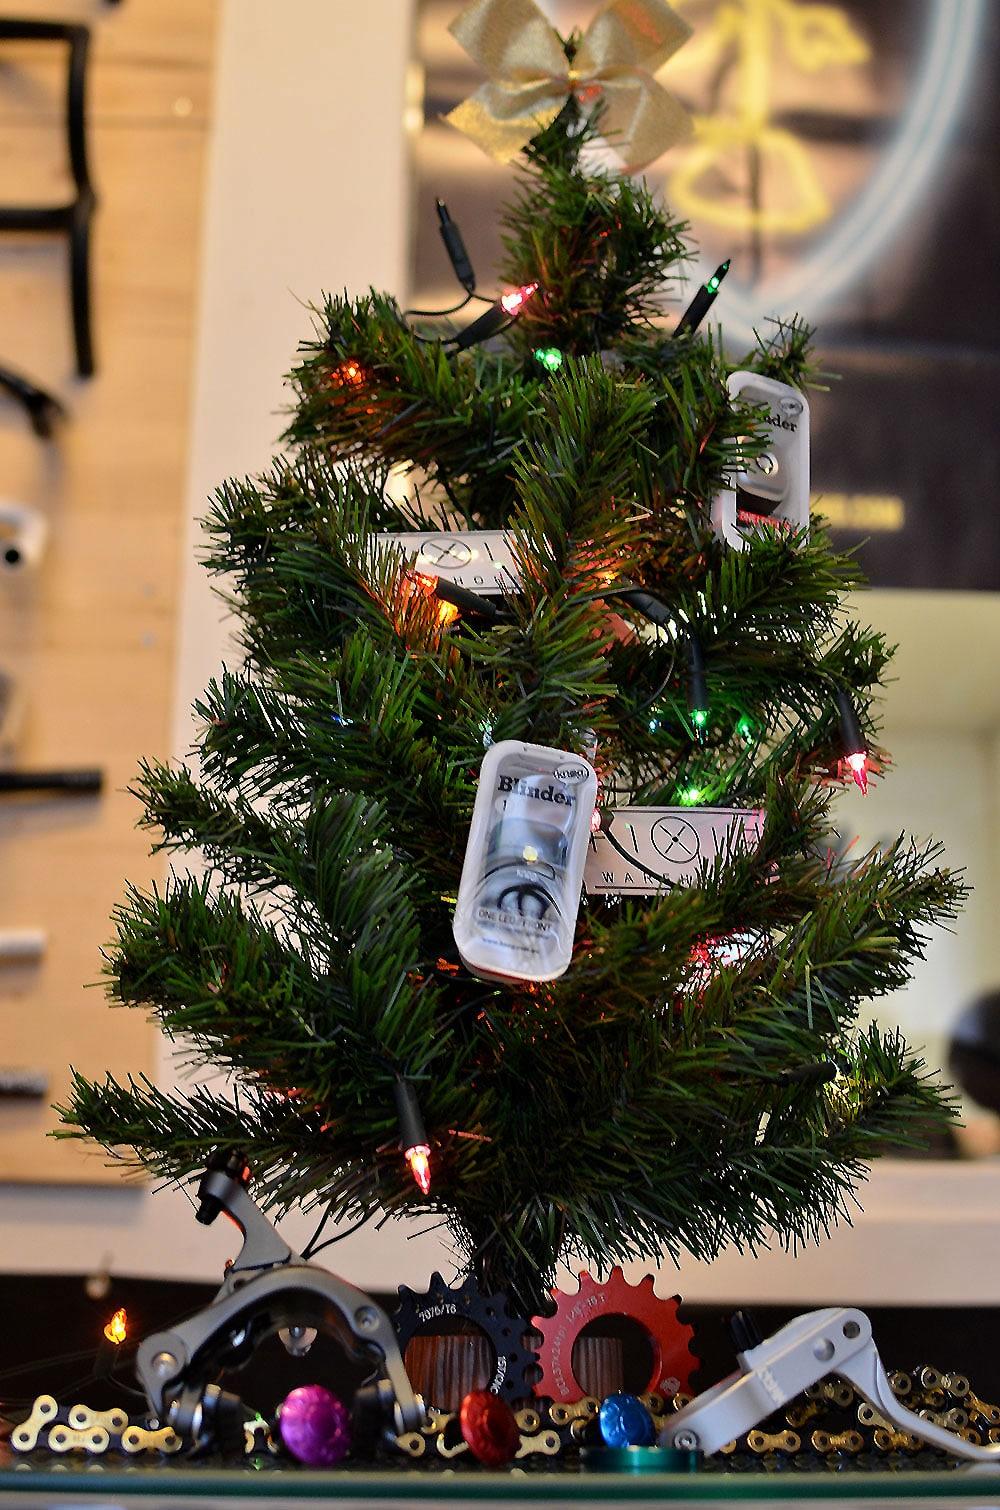 Les bons plans cadeau de Noël avec Fixie Warehouse